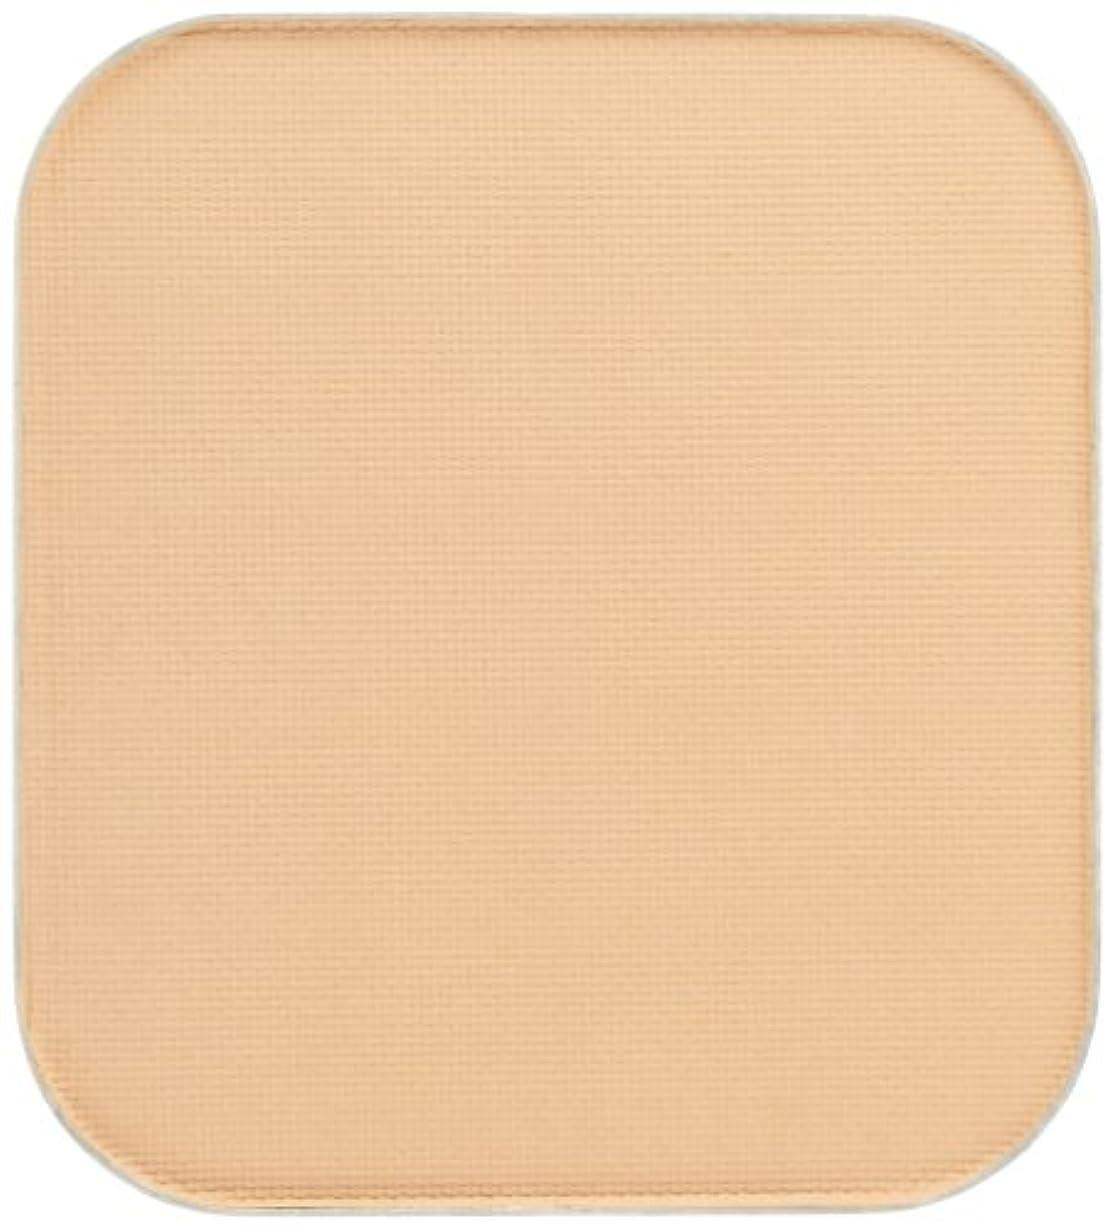 電卓責めポイントKOSE コーセー ノア UVホワイト パウダーファンデーションEX 41 詰替用 10.5g